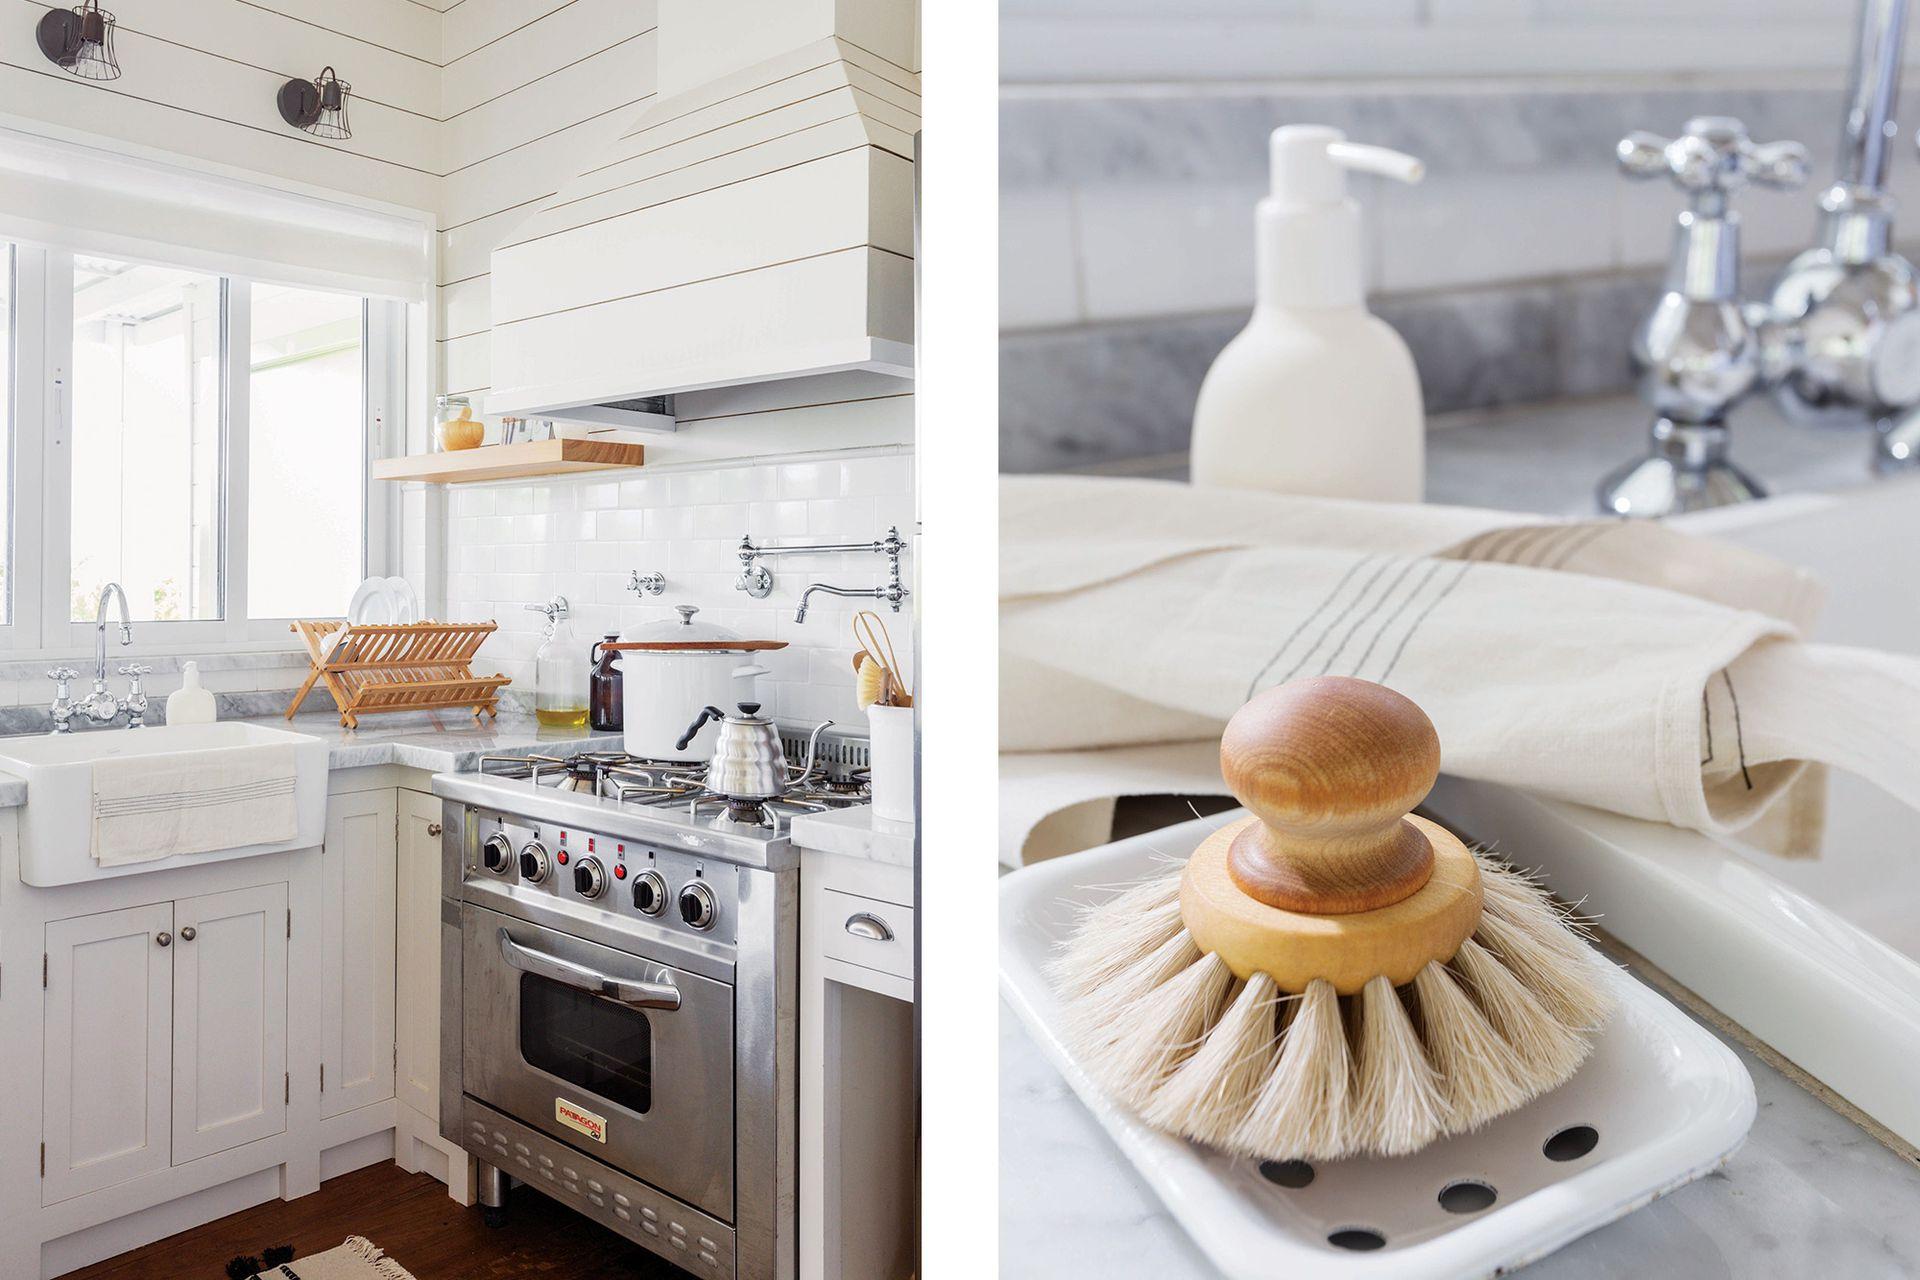 El piletón 'Country' (Ferrum), la campana y la cocina industrial (Patagon Chef) refuerzan el estilo ribereño.